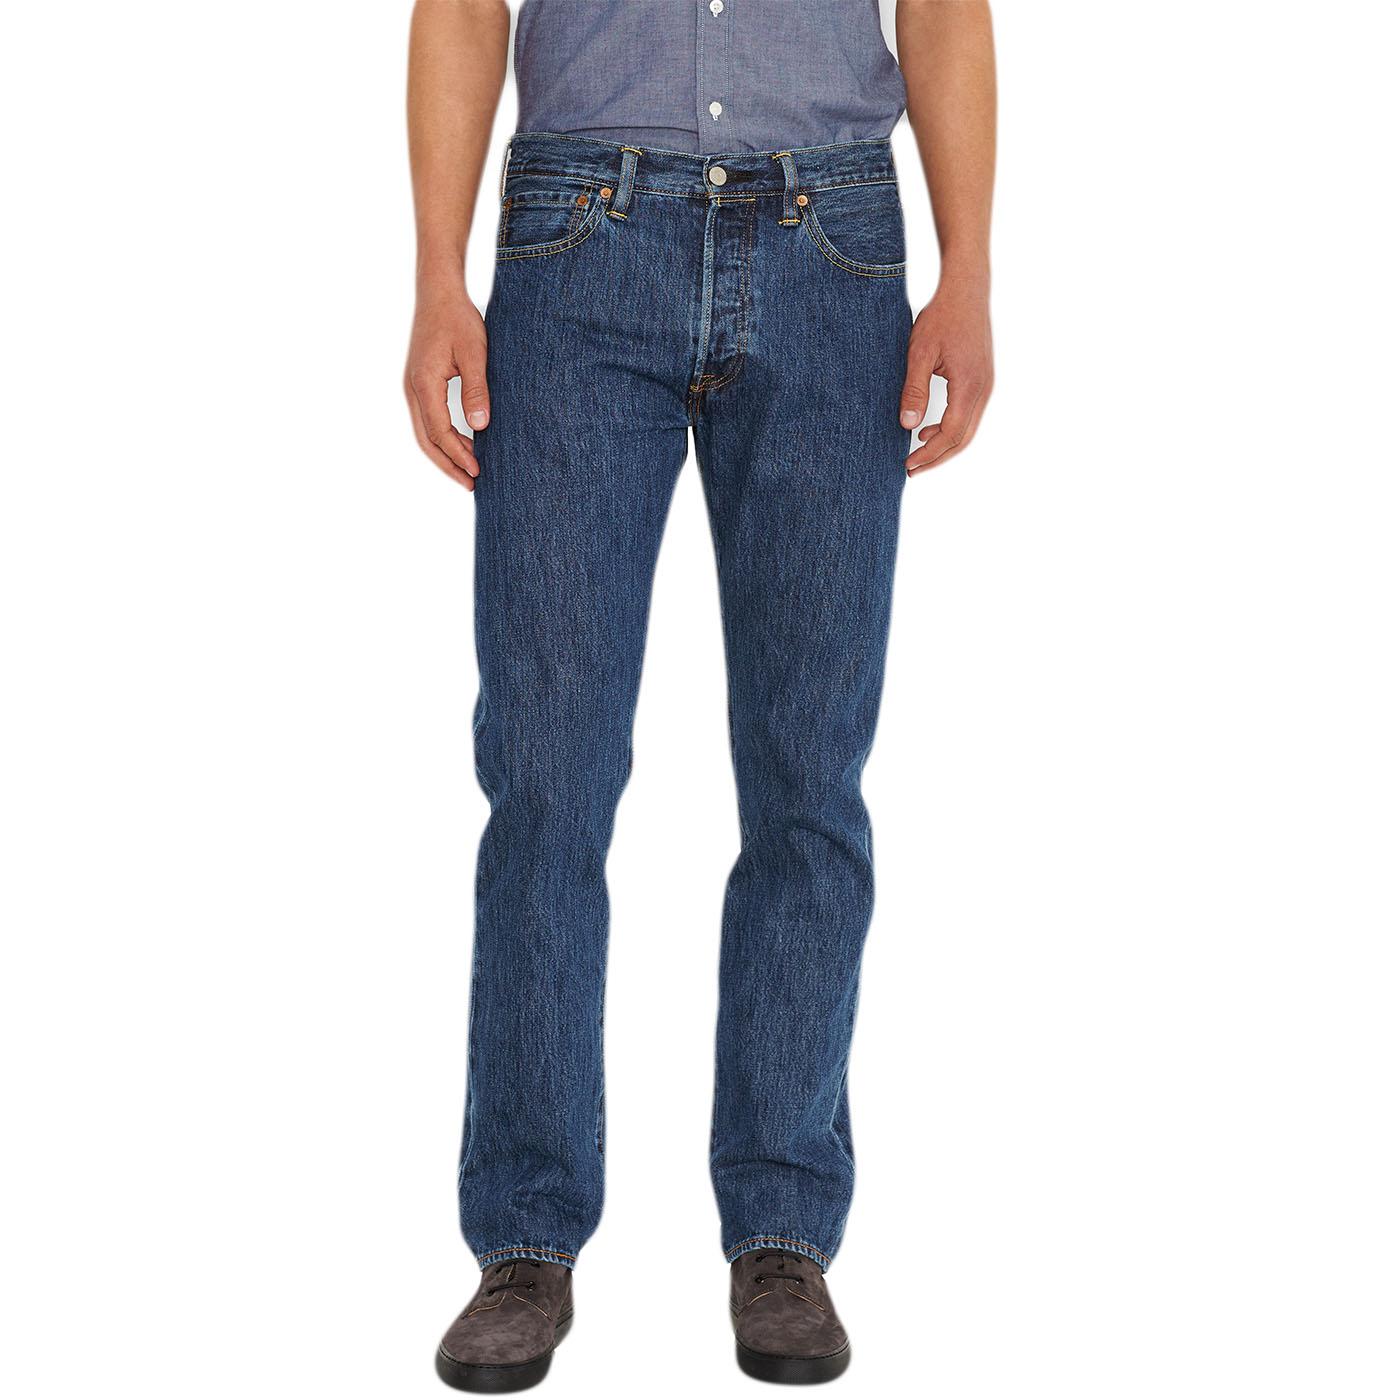 Levi Strauss 501 'Stonewash' Jean